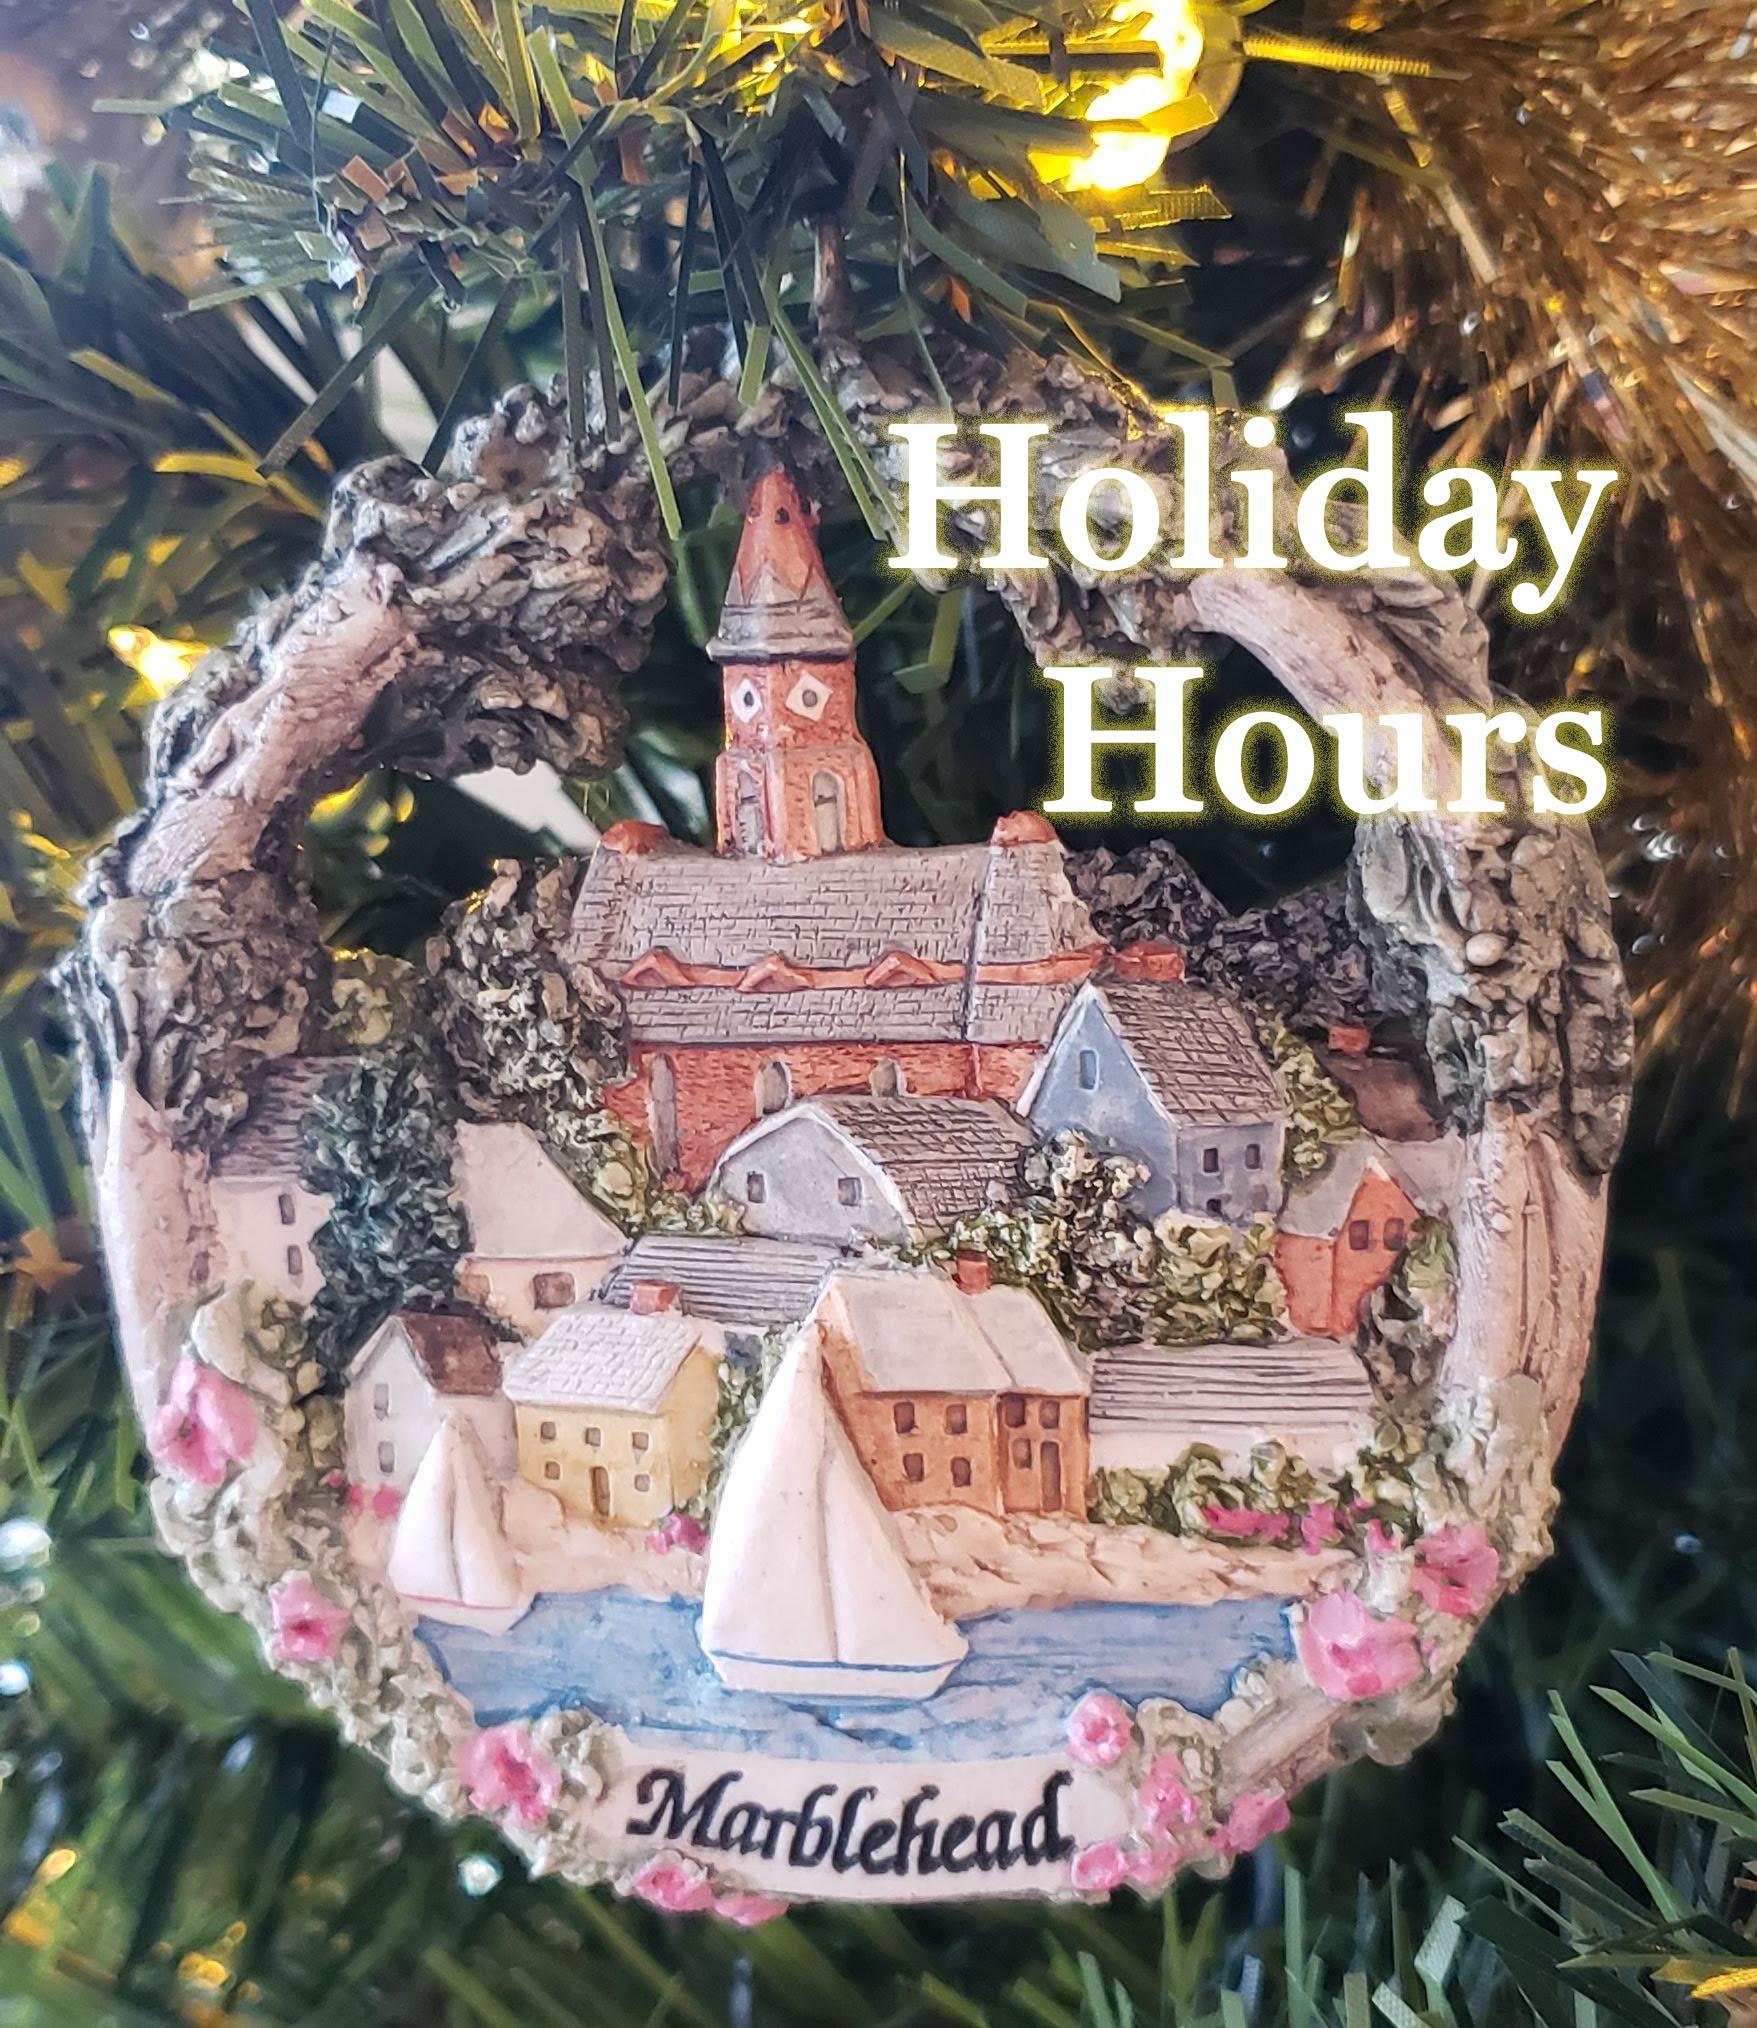 Hestia's Holiday Hours